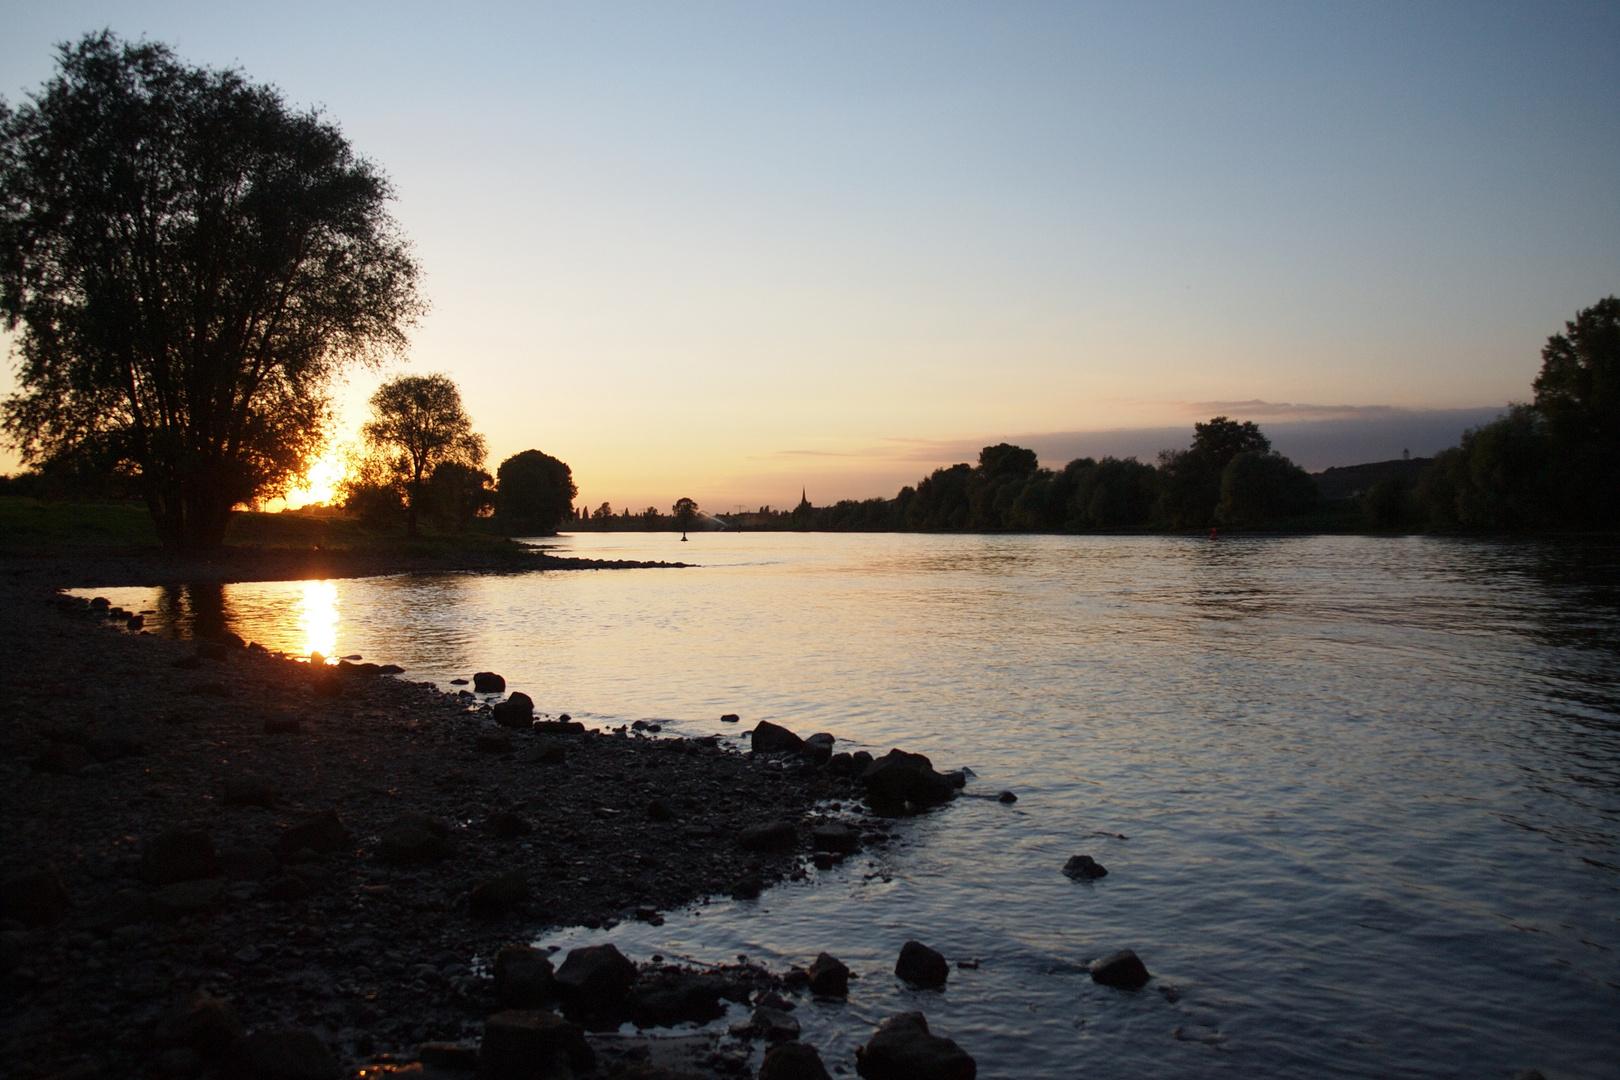 Sonnenuntergang an der Elbe bei Dresden